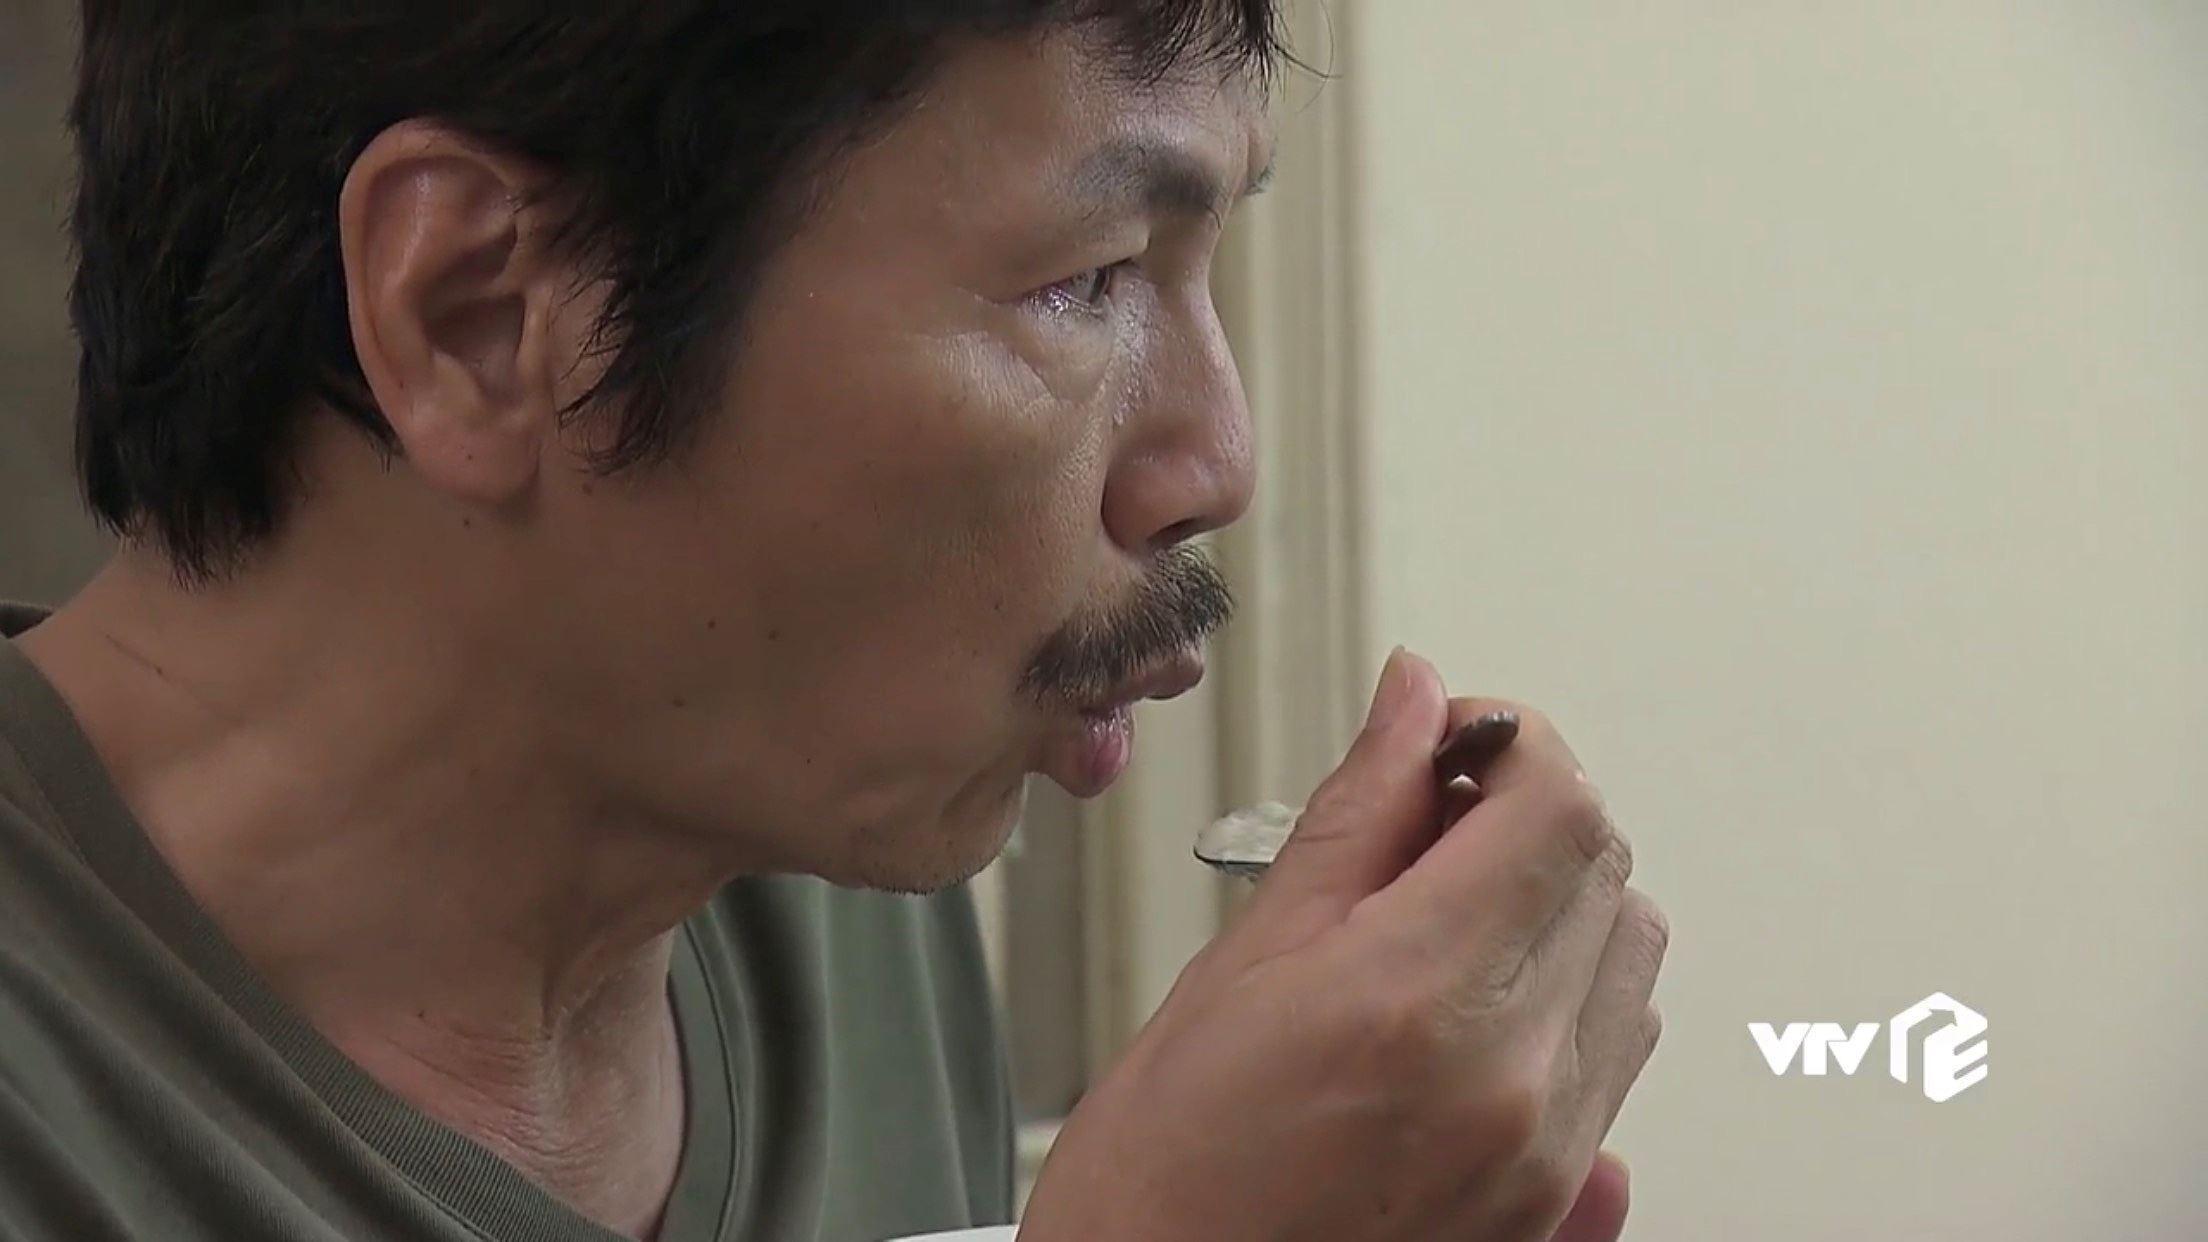 Về nhà đi con tập 49: Dương nói 'Cháu thích chú', cho bố Bảo một tuần suy nghĩ Ảnh 4